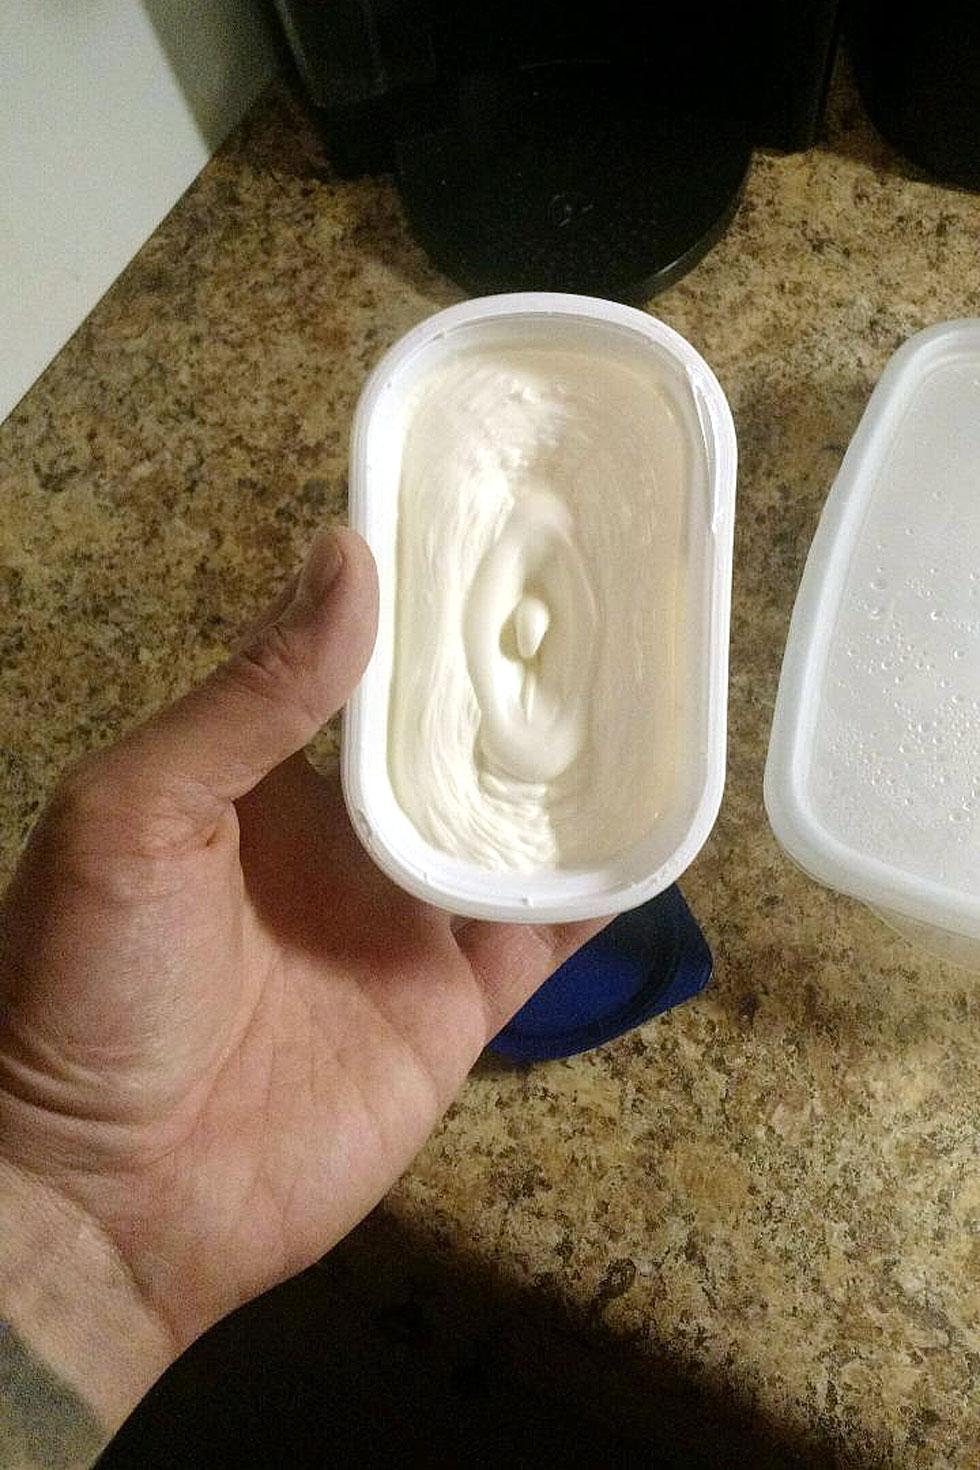 Non-Vagina Things That Look Disturbingly Like Vaginas